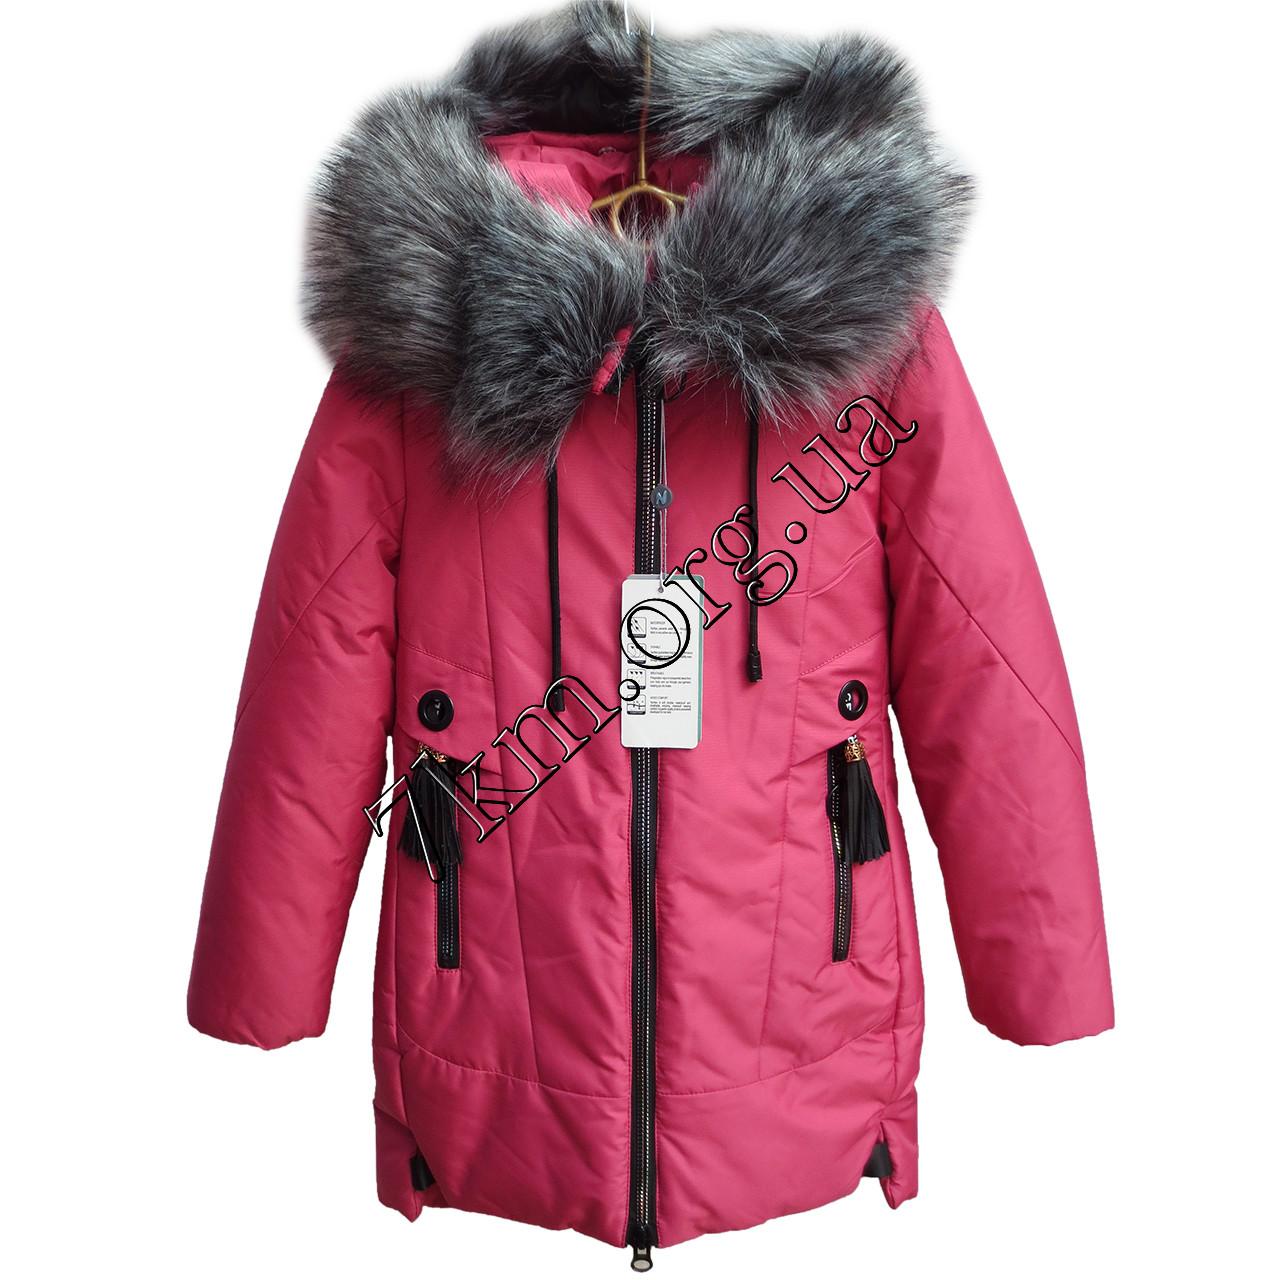 Куртка детская для девочек 128-152 см. Китай Оптом 1838-2 - Детская 6e1bc994d7dbb